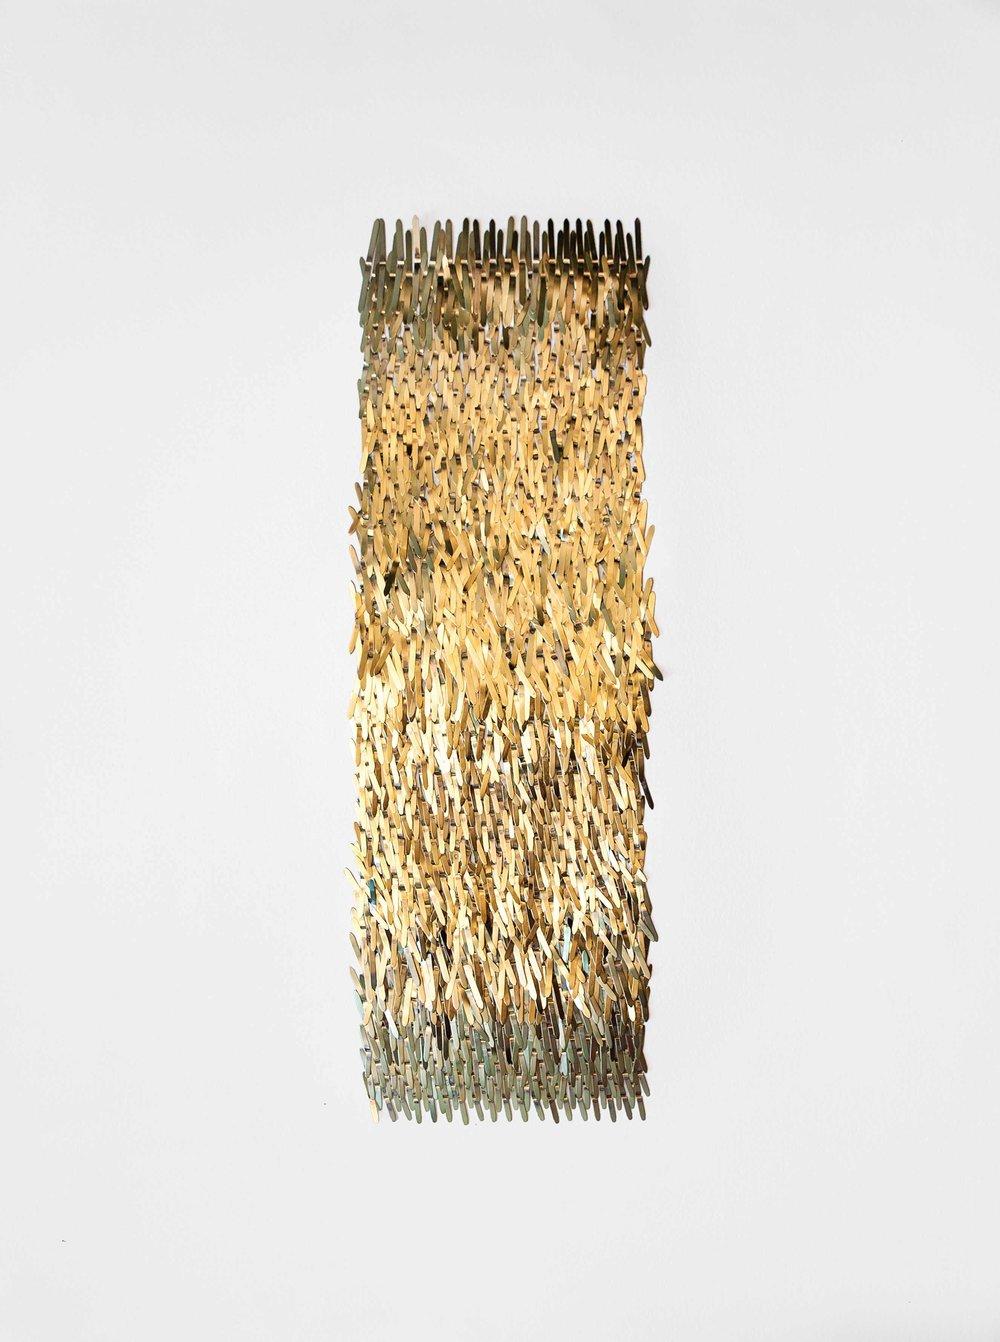 ISpahan - Papier & laiton56 x 76 cm2018Pièce unique(SOLD)